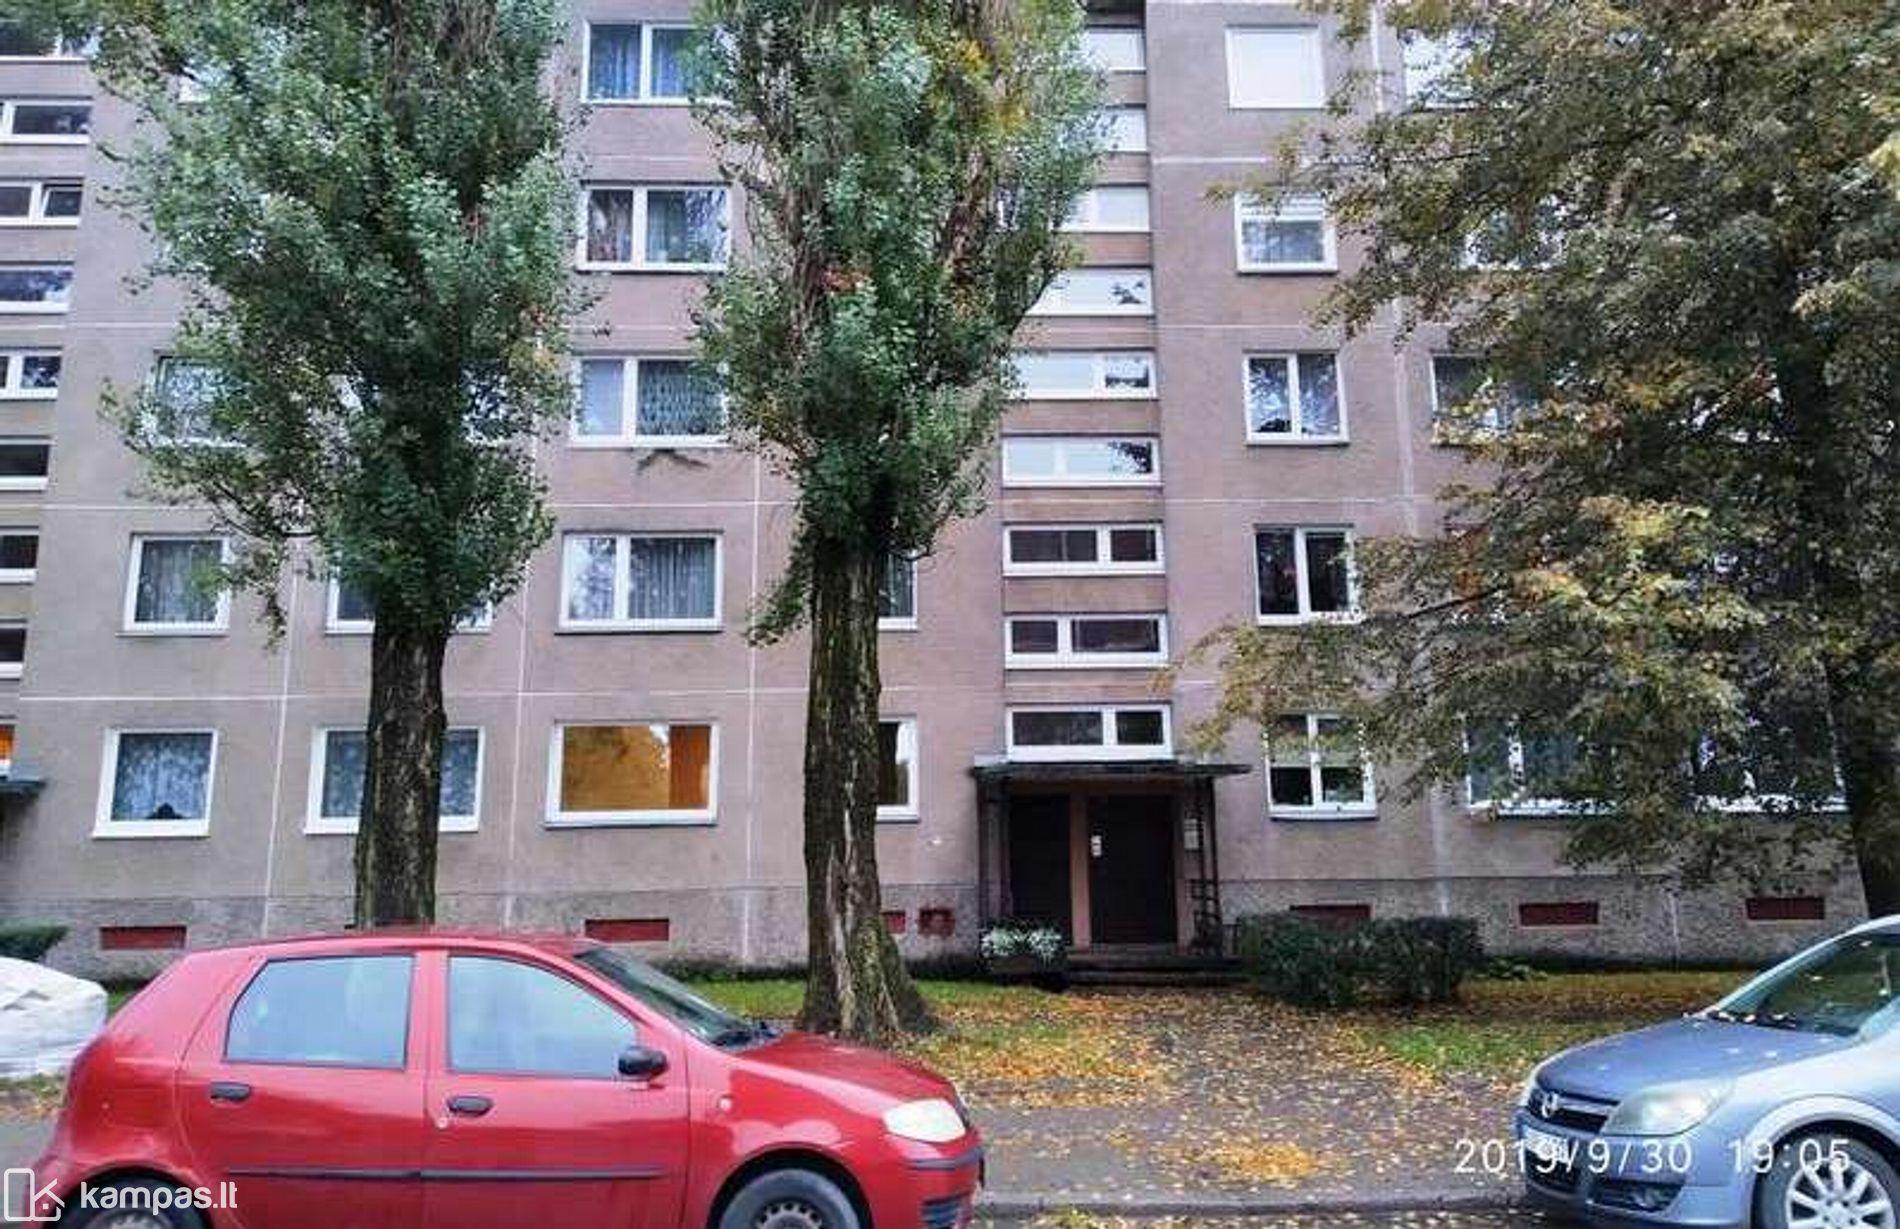 photo No.9 Klaipėda, Debrecenas, Naujakiemio g.